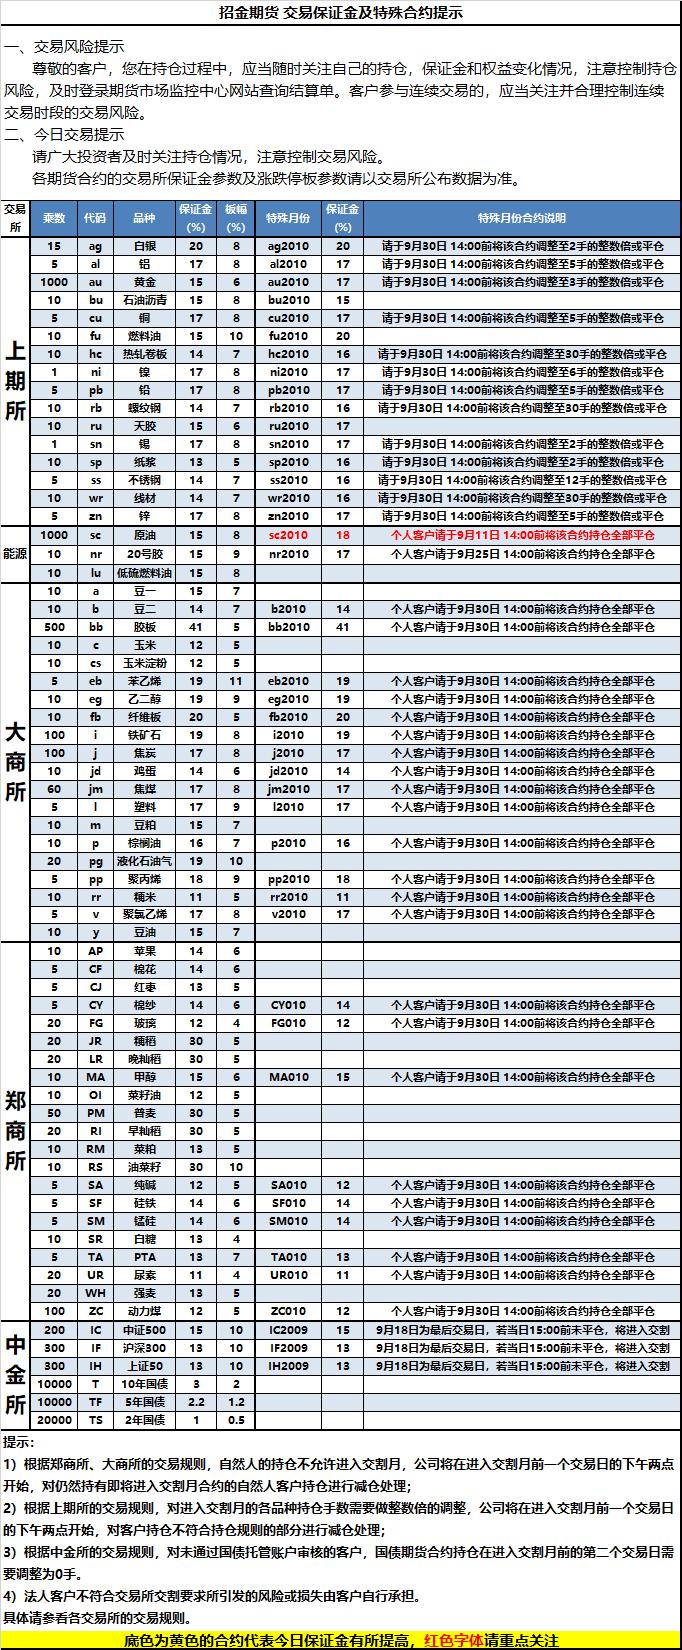 2020-9-11交易保证金